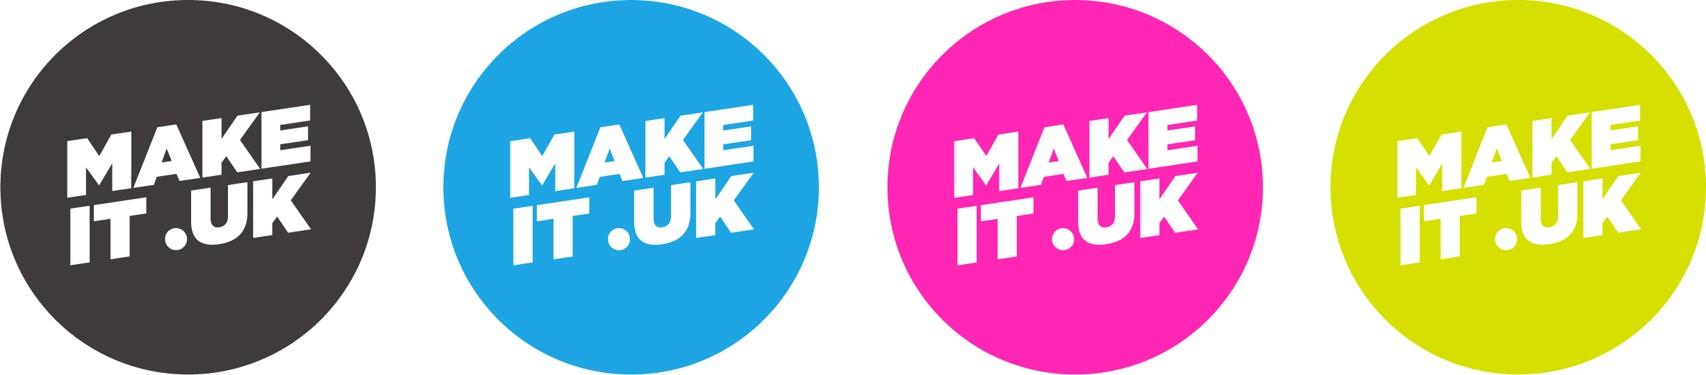 MAKE IT .UK Badges